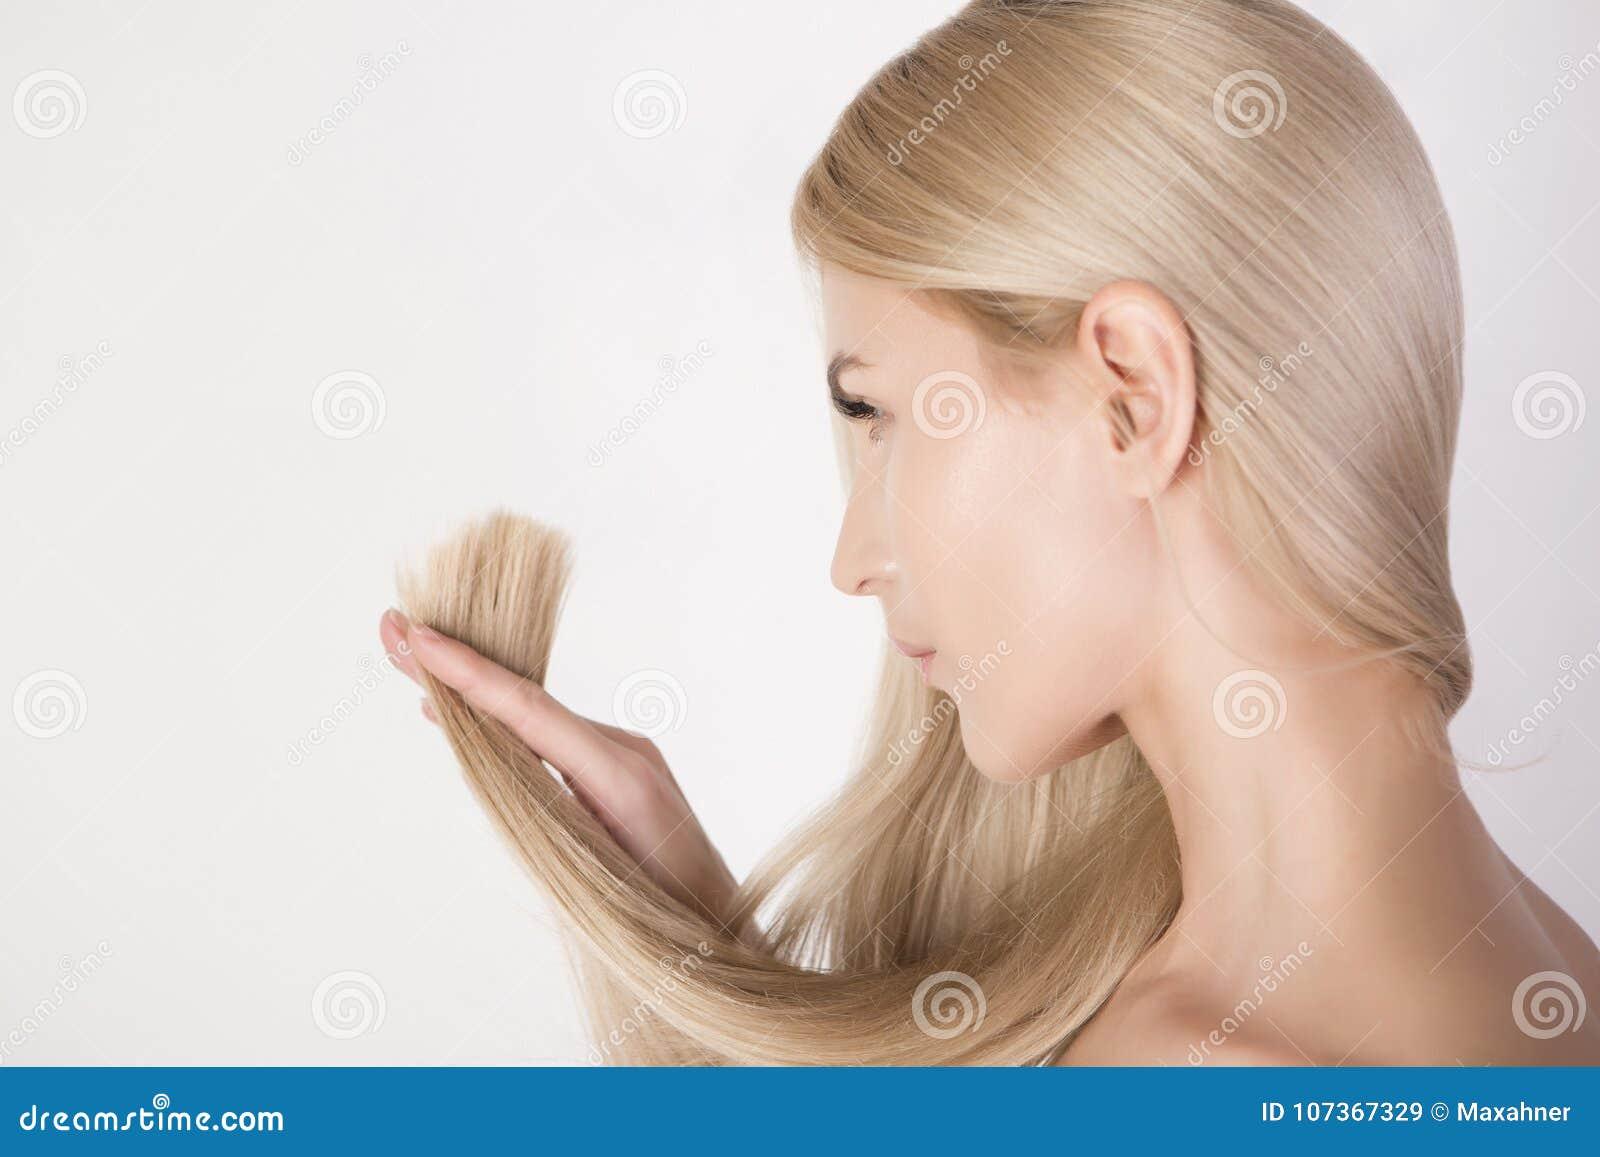 Teindre les extrГ©mitГ©s sur de longs cheveux